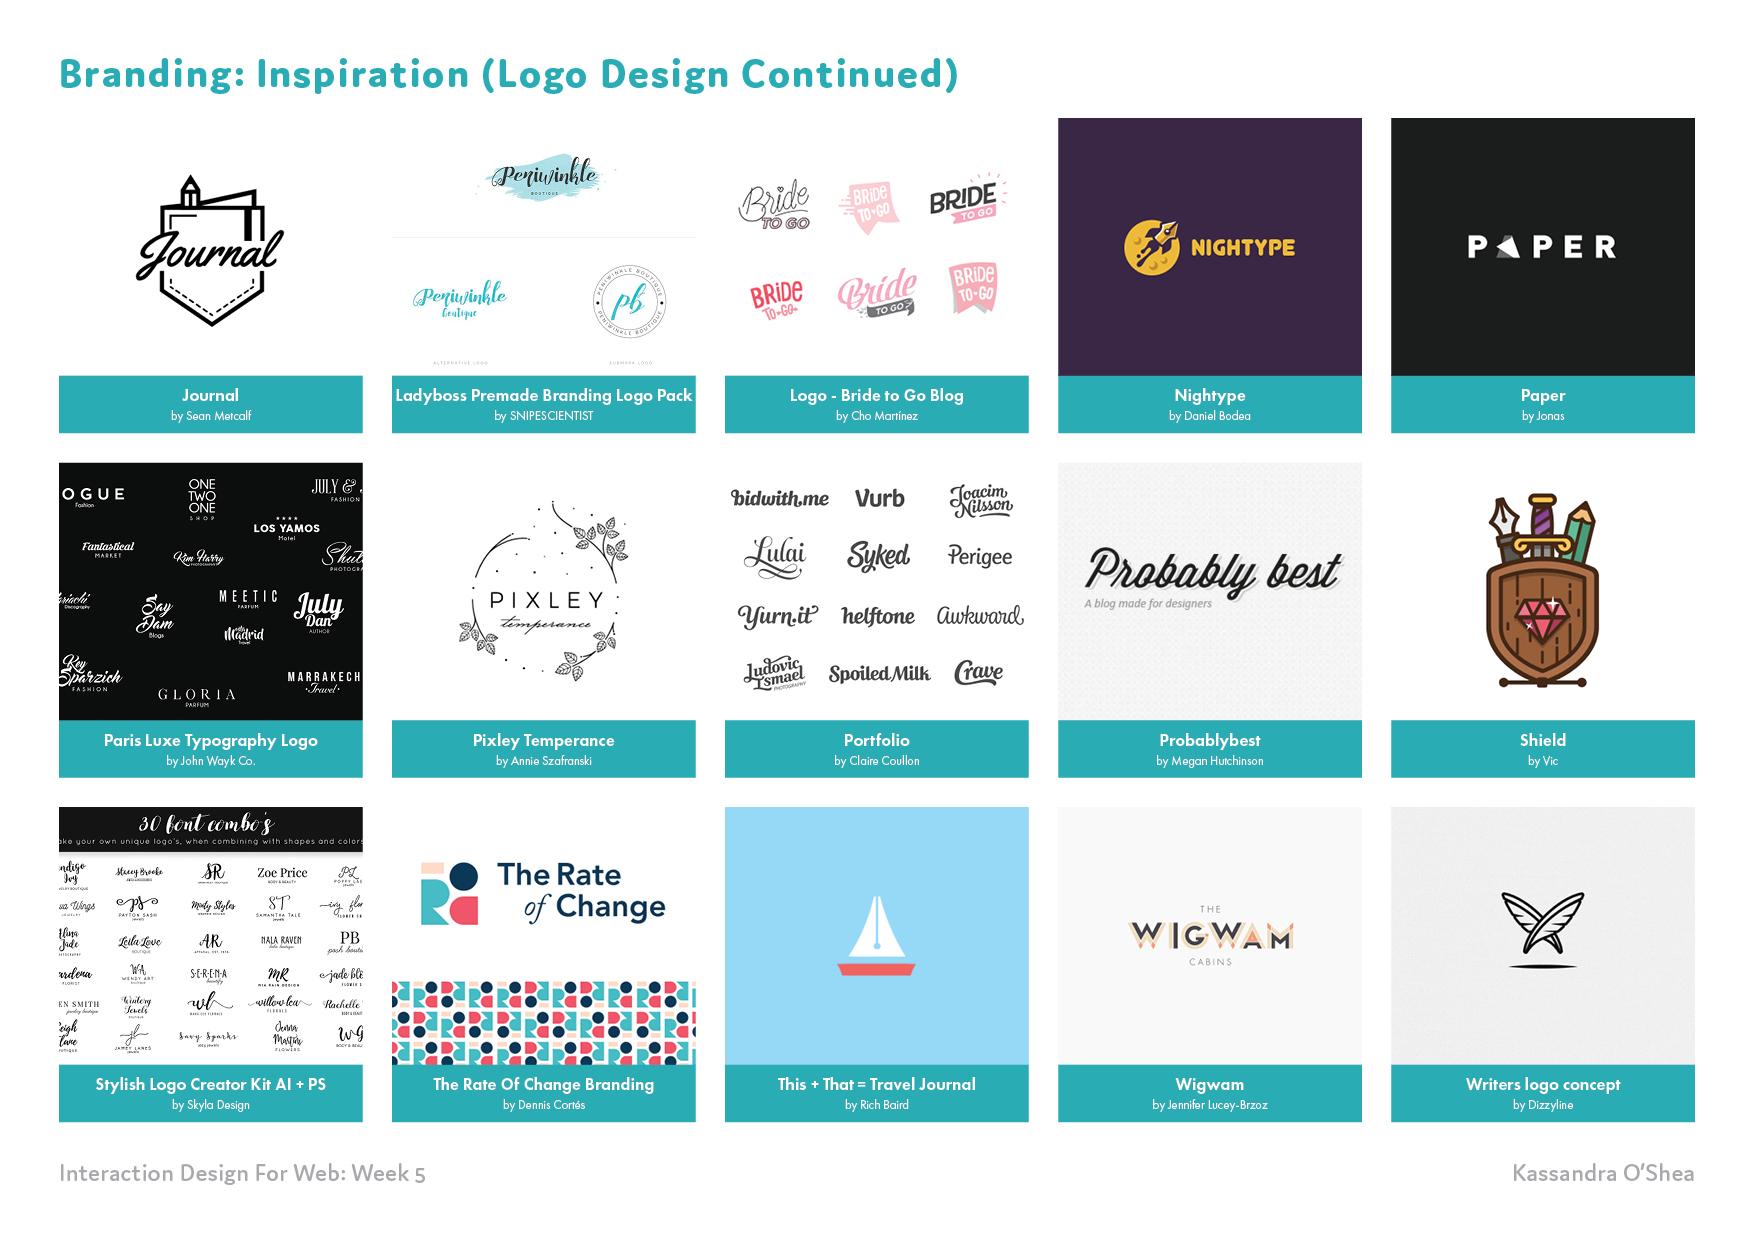 Branding: Inspiration (Logo Design)